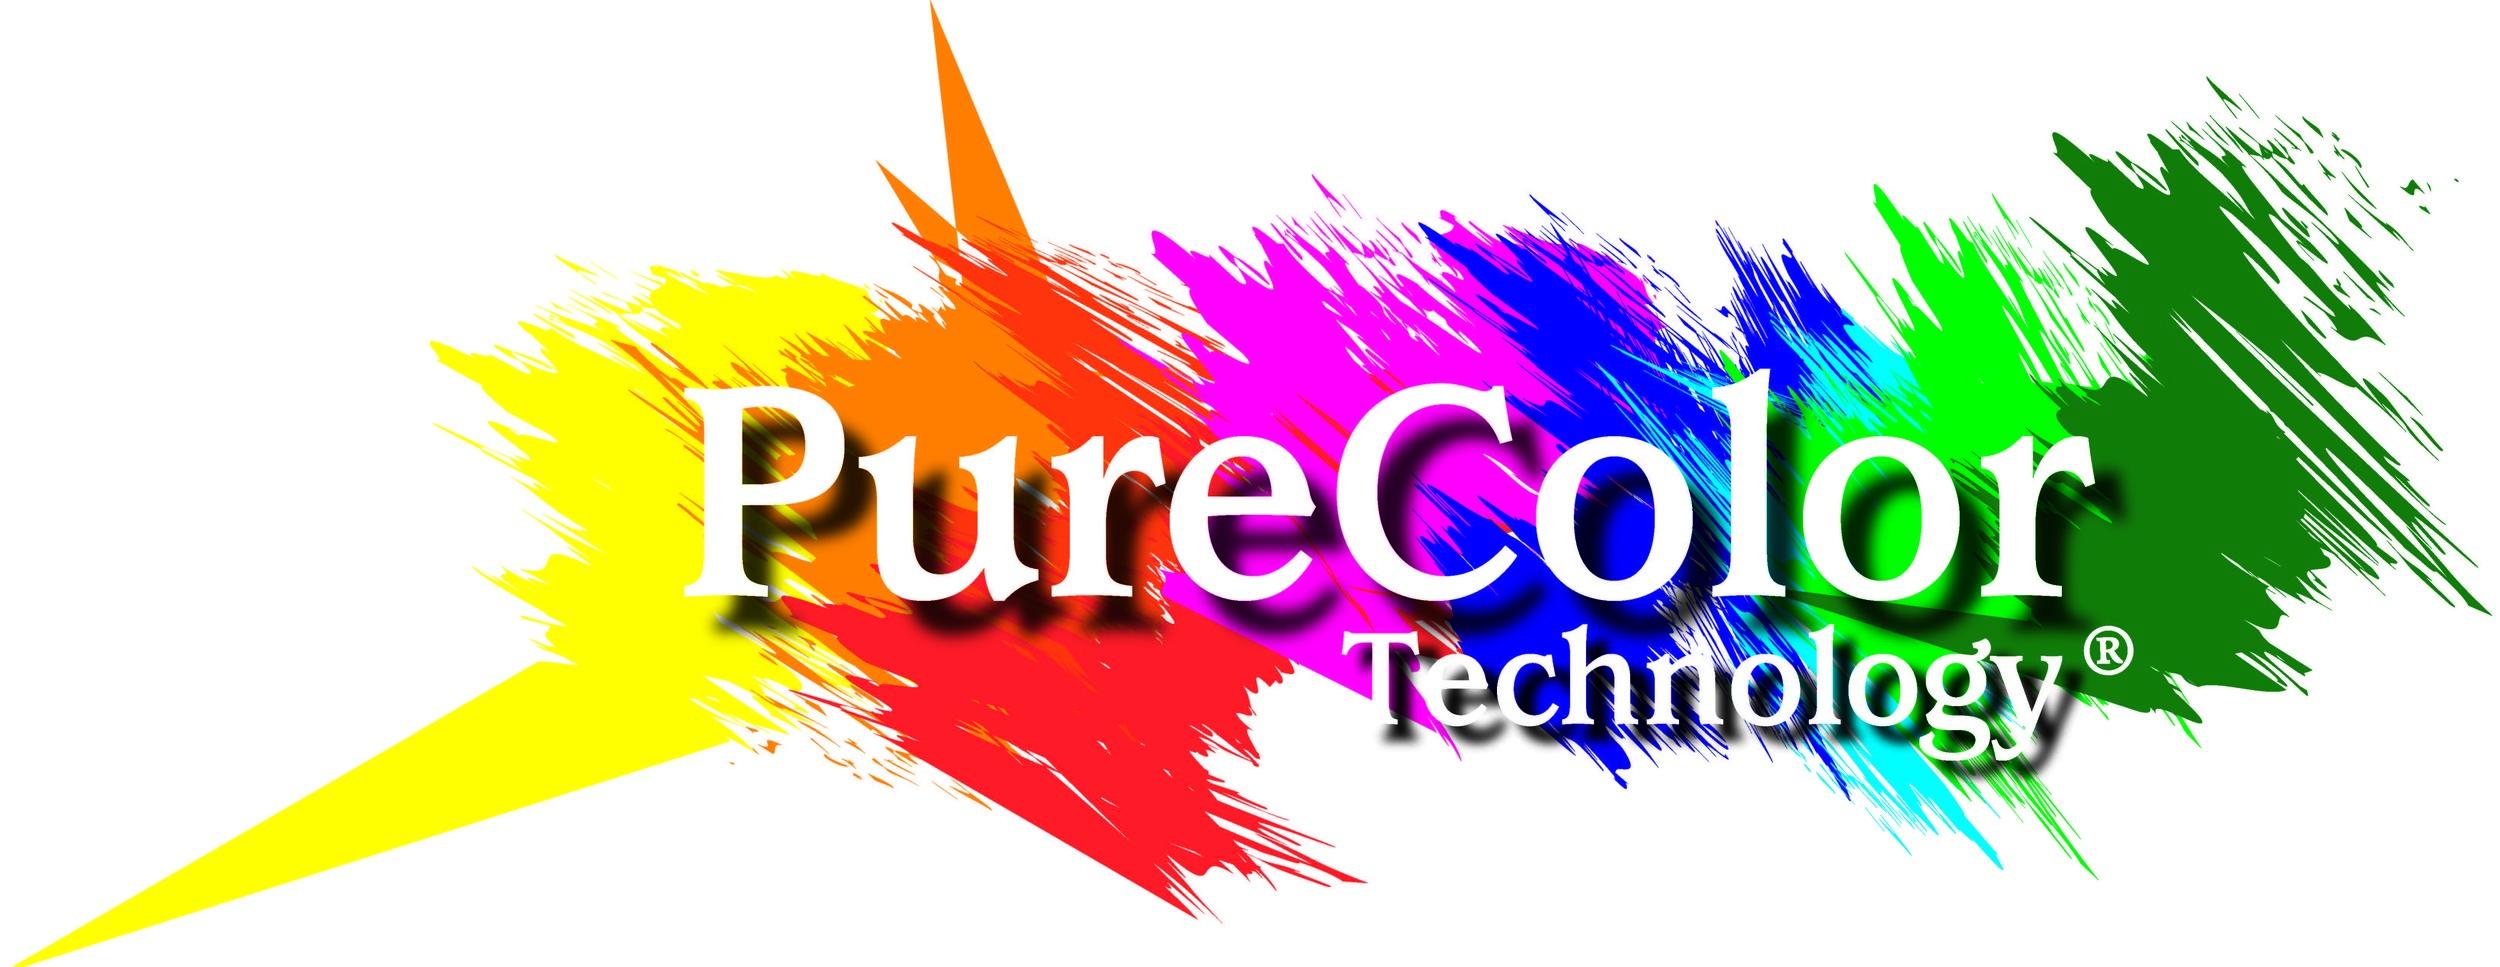 PureColor_Technology Master registered final.jpg